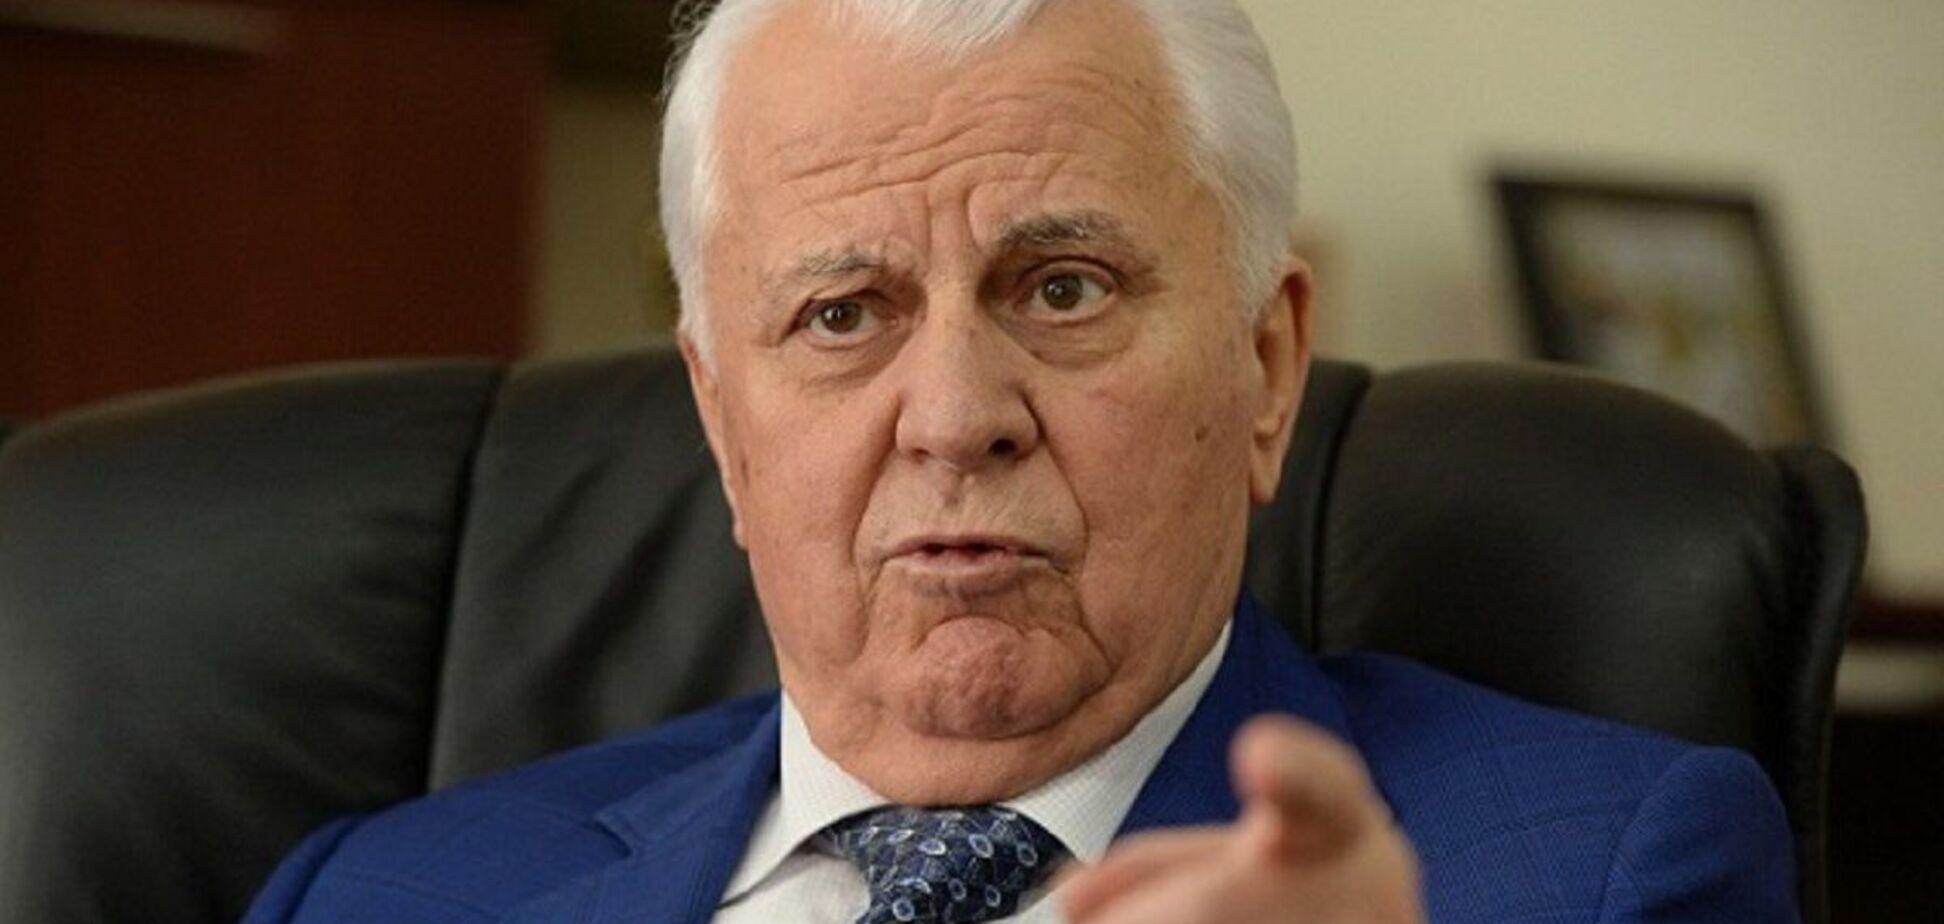 Кравчук: Тема Криму і Донбасу є сьогодні 'найболючішою'